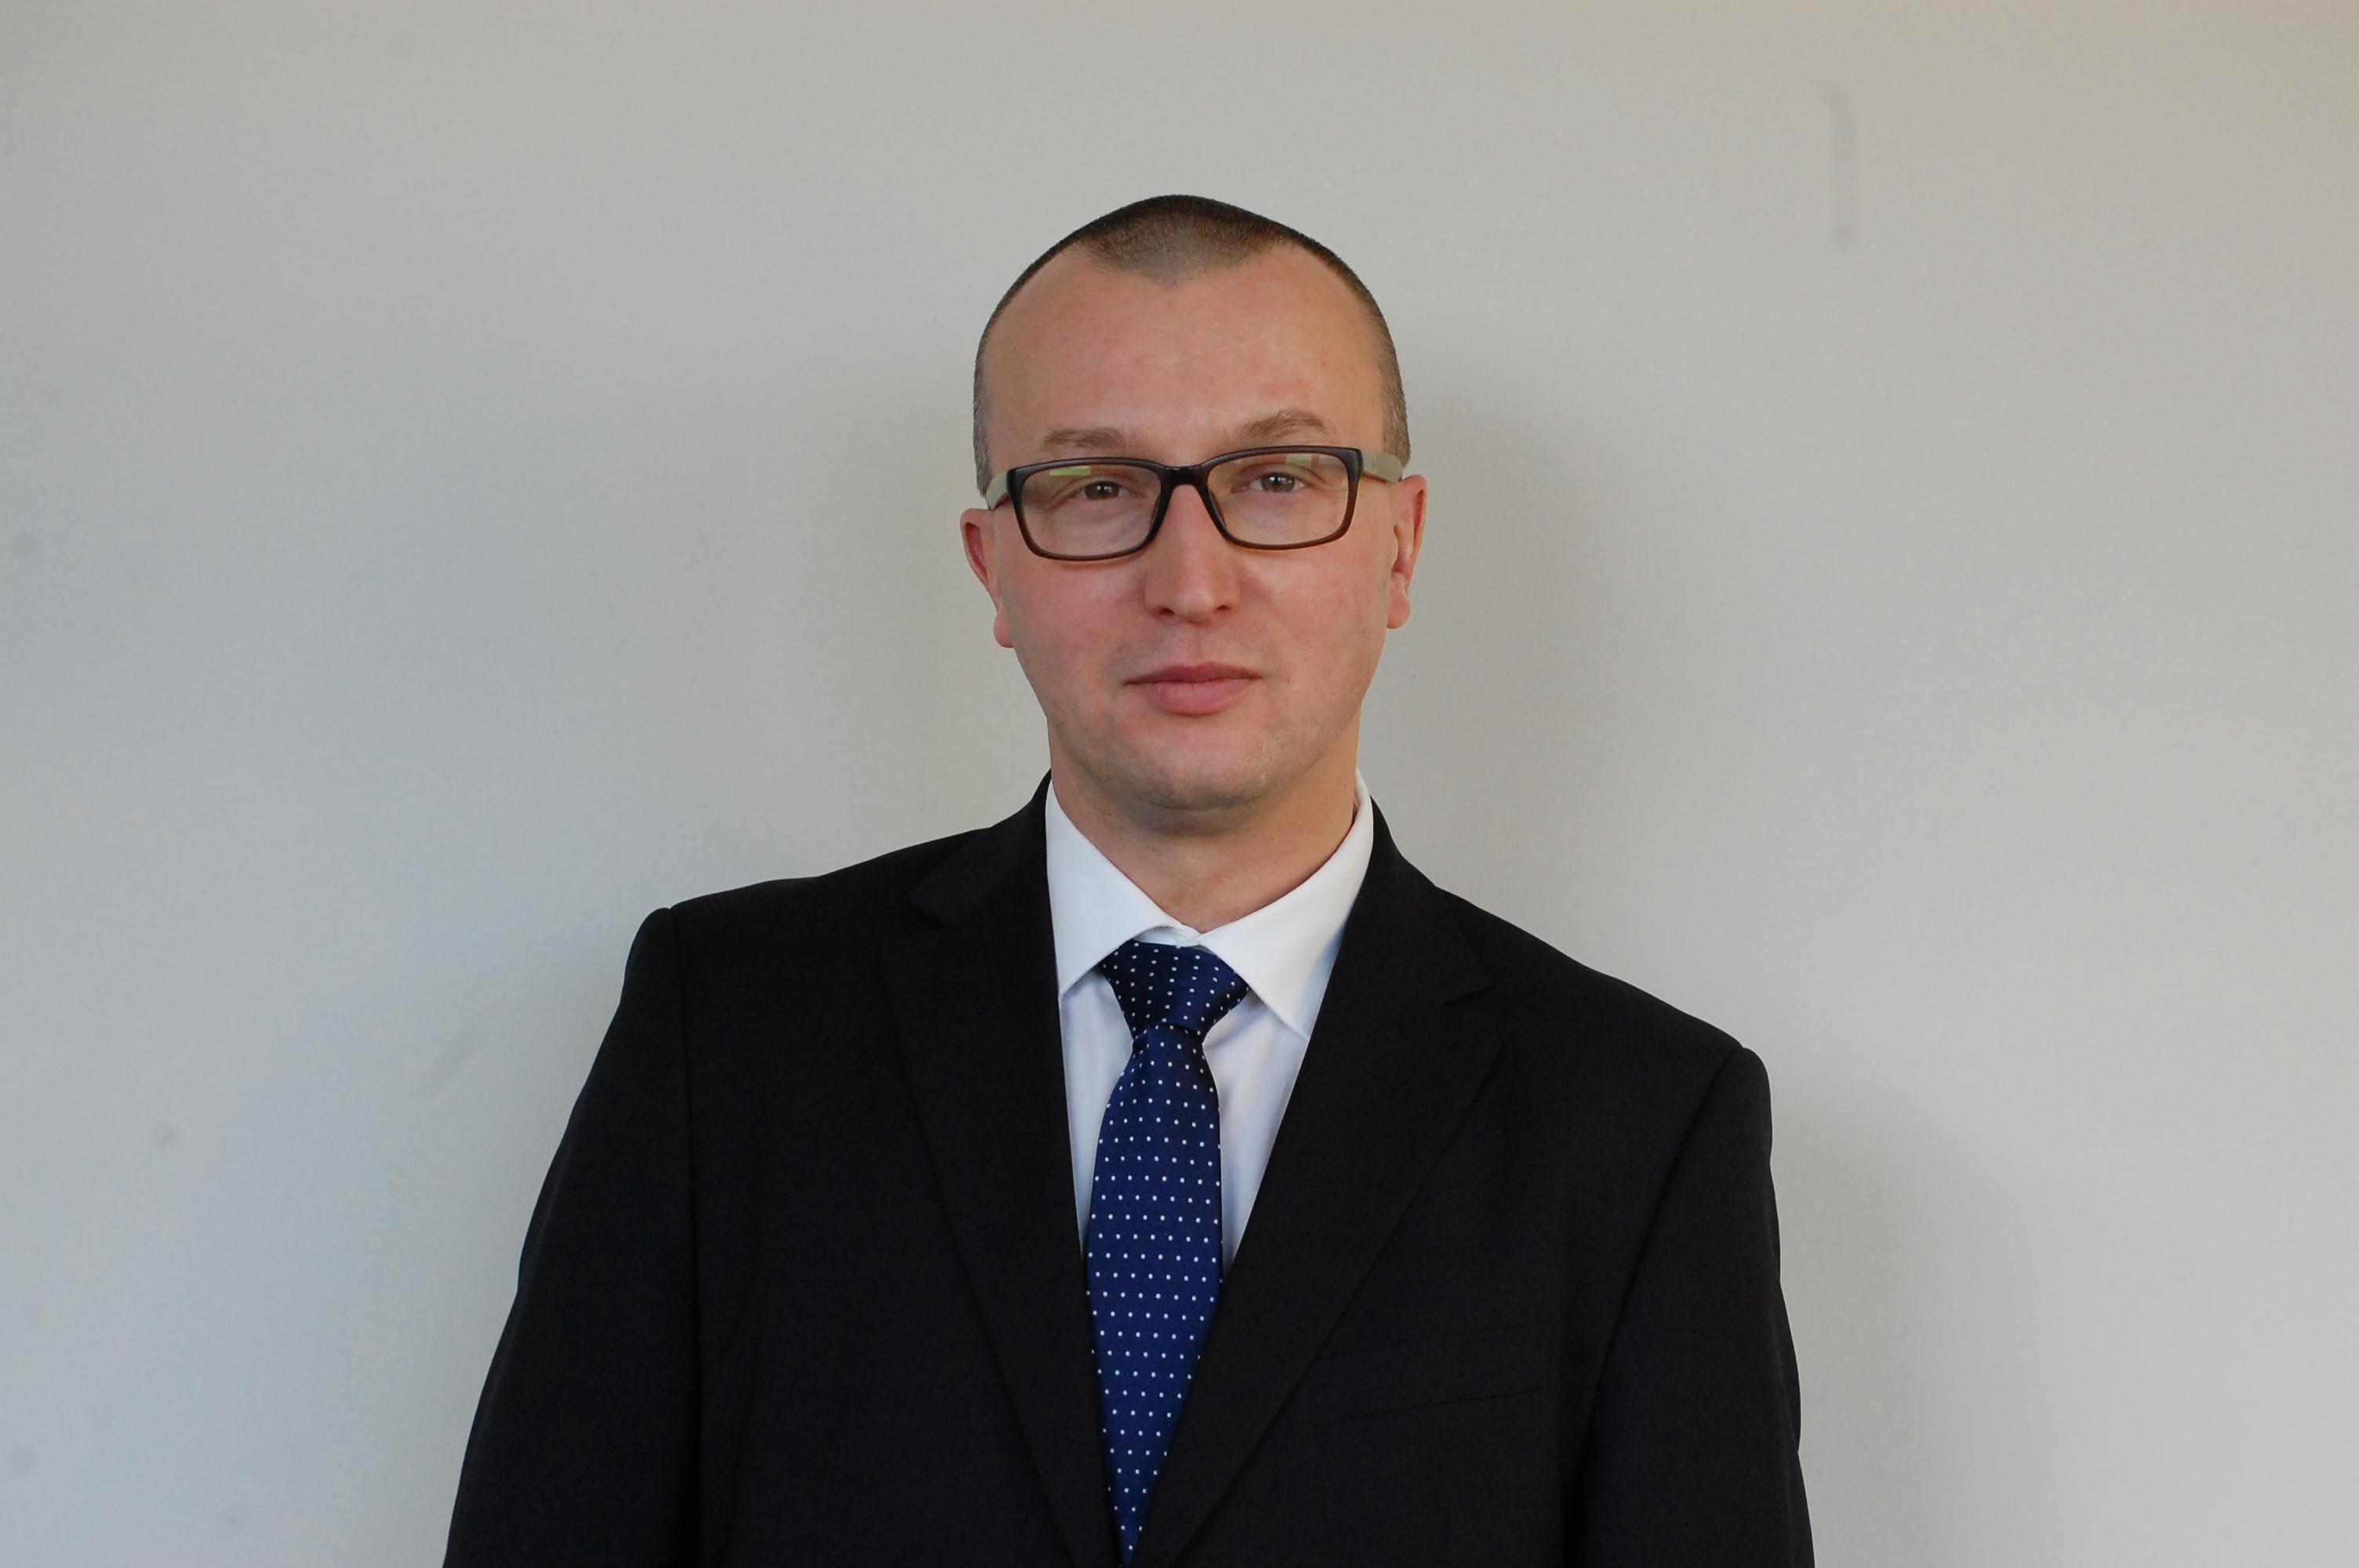 Adam Smolinski